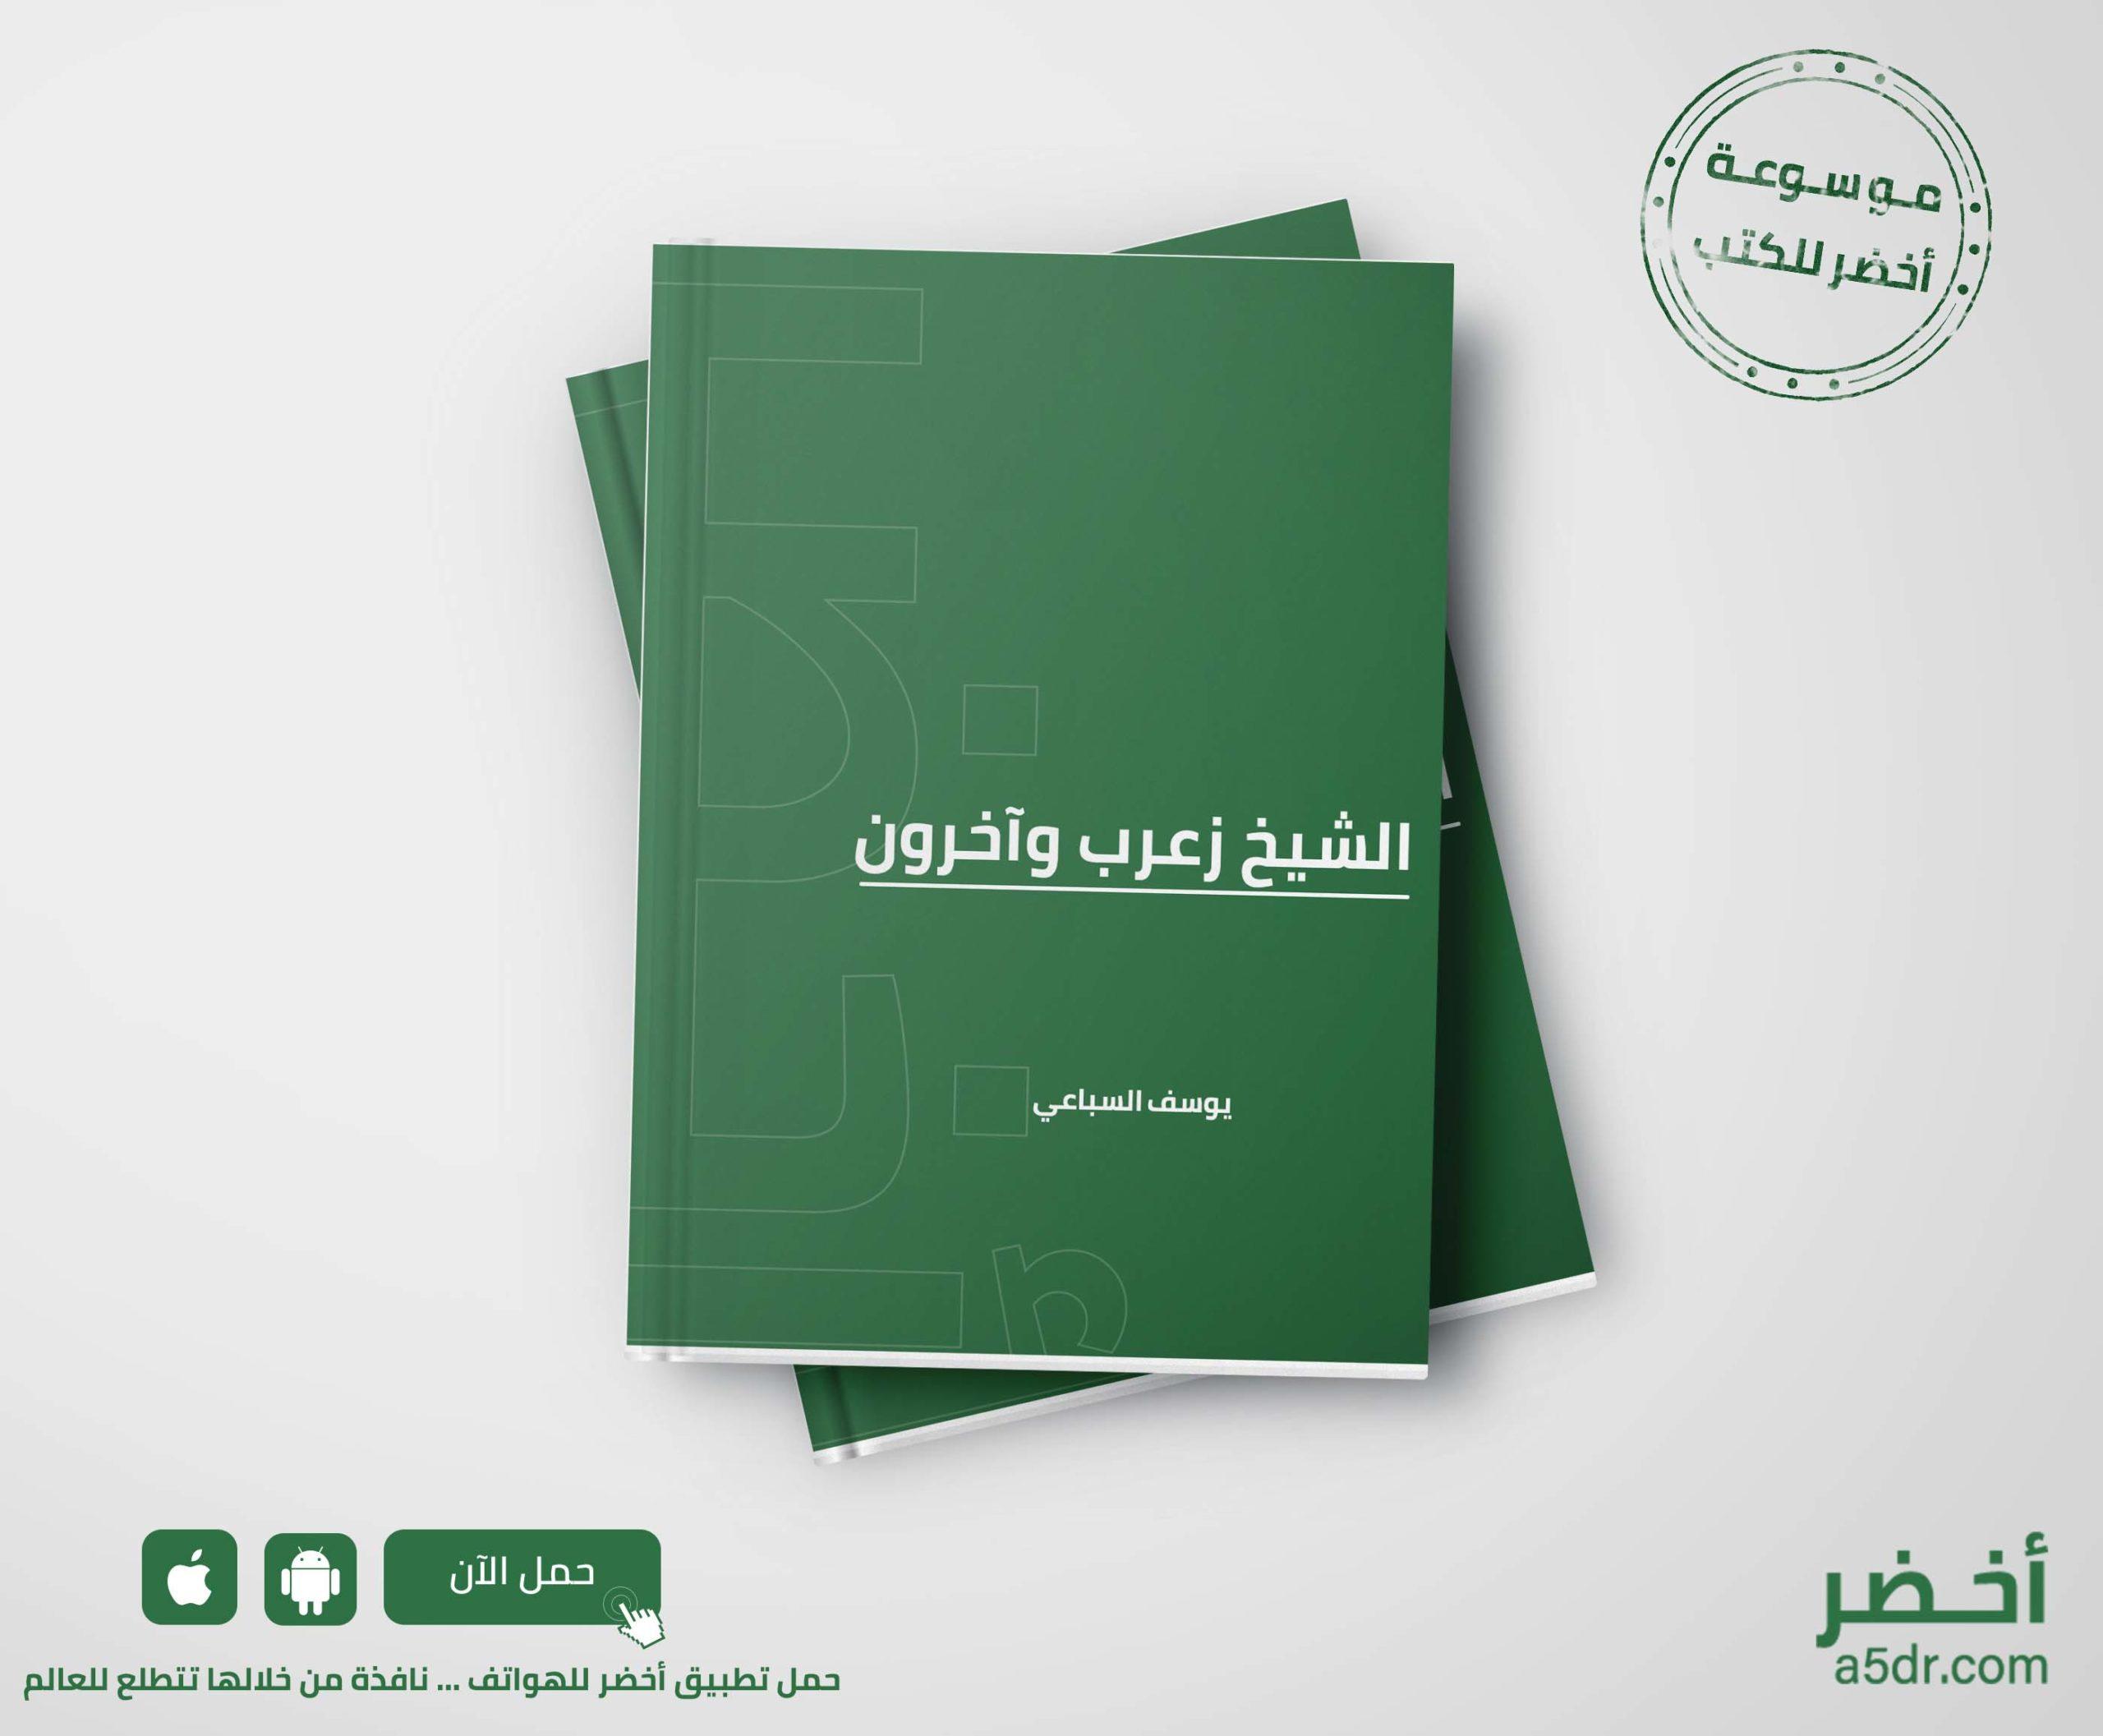 كتاب الشيخ زعرب وآخرون - يوسف السباعي